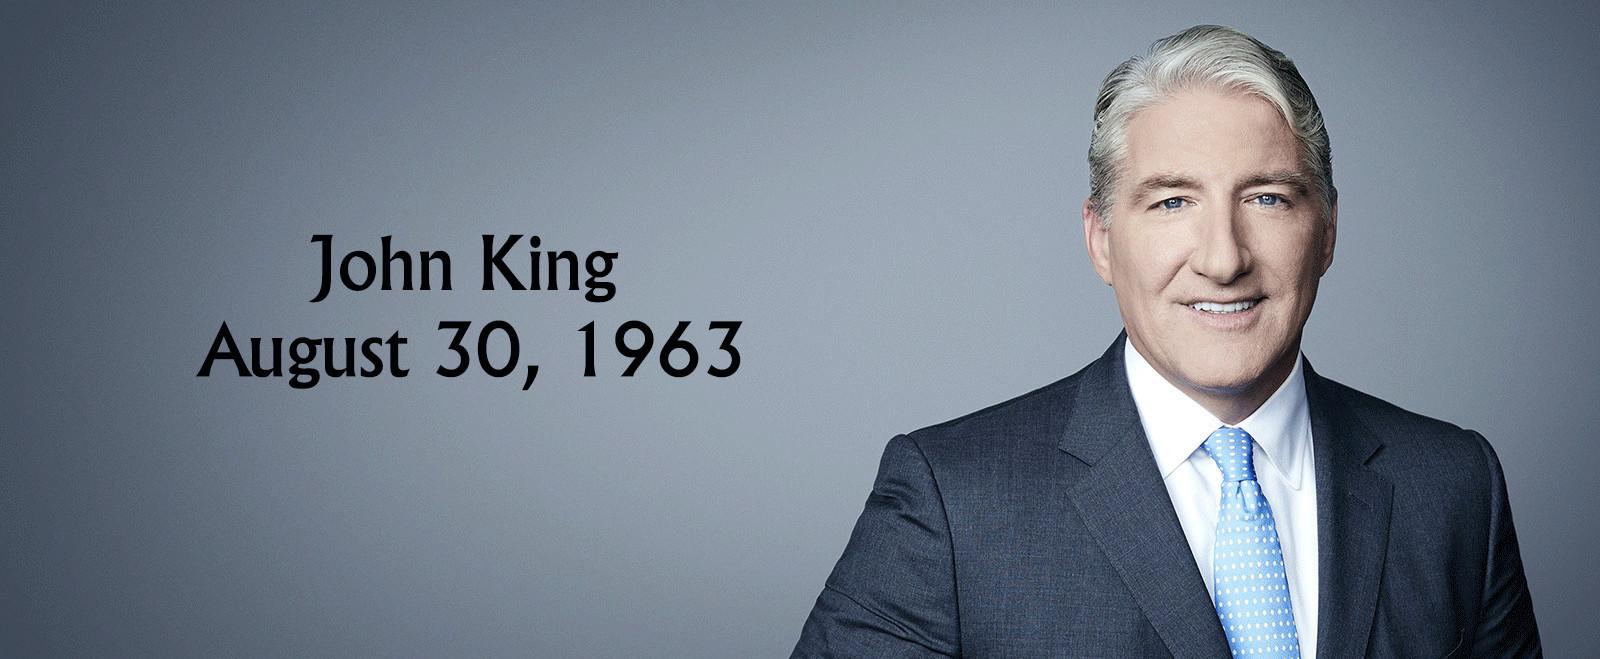 john-king (FILEminimizer)